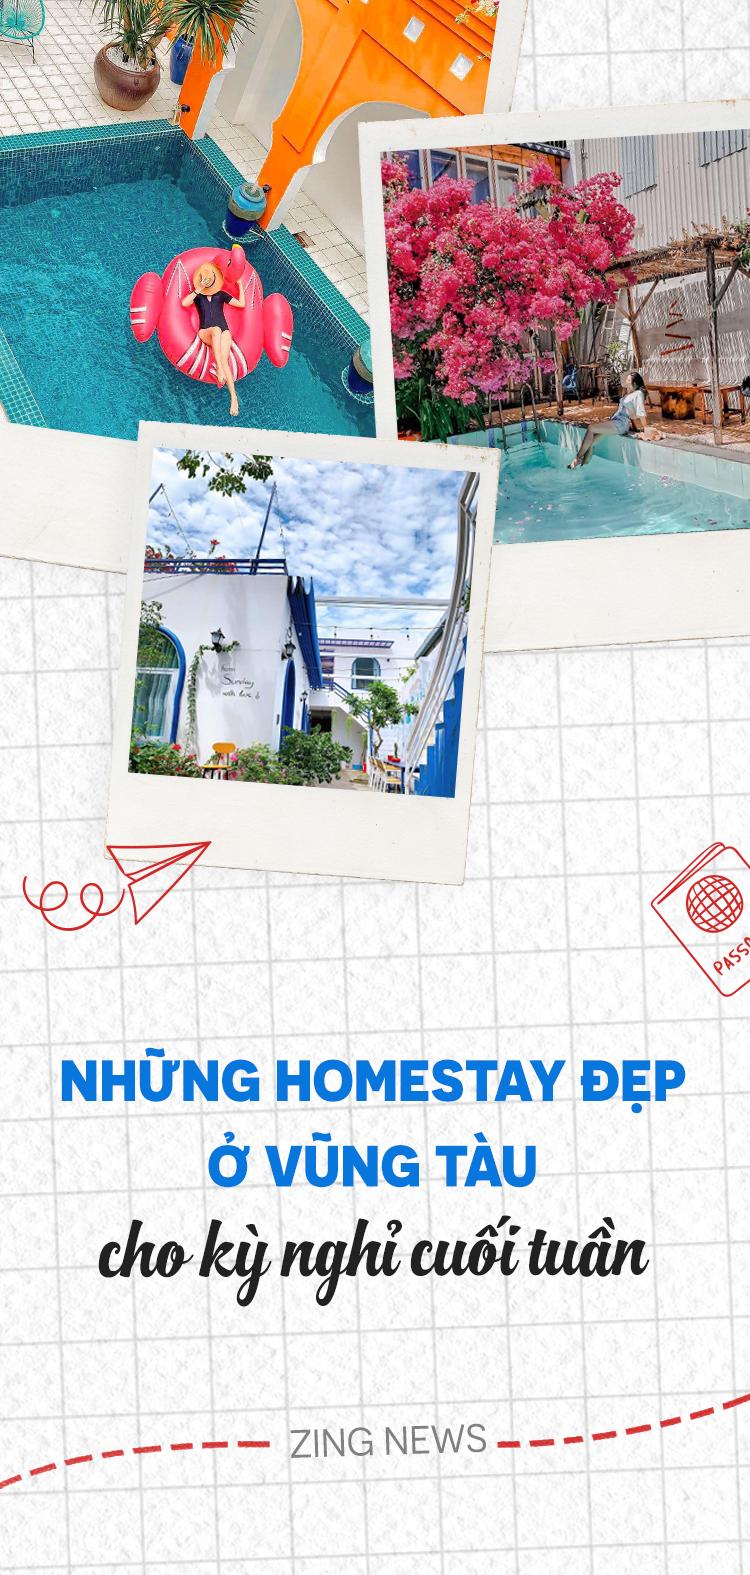 Homestay đẹp ở Vũng Tàu cho kỳ nghỉ cuối tuần